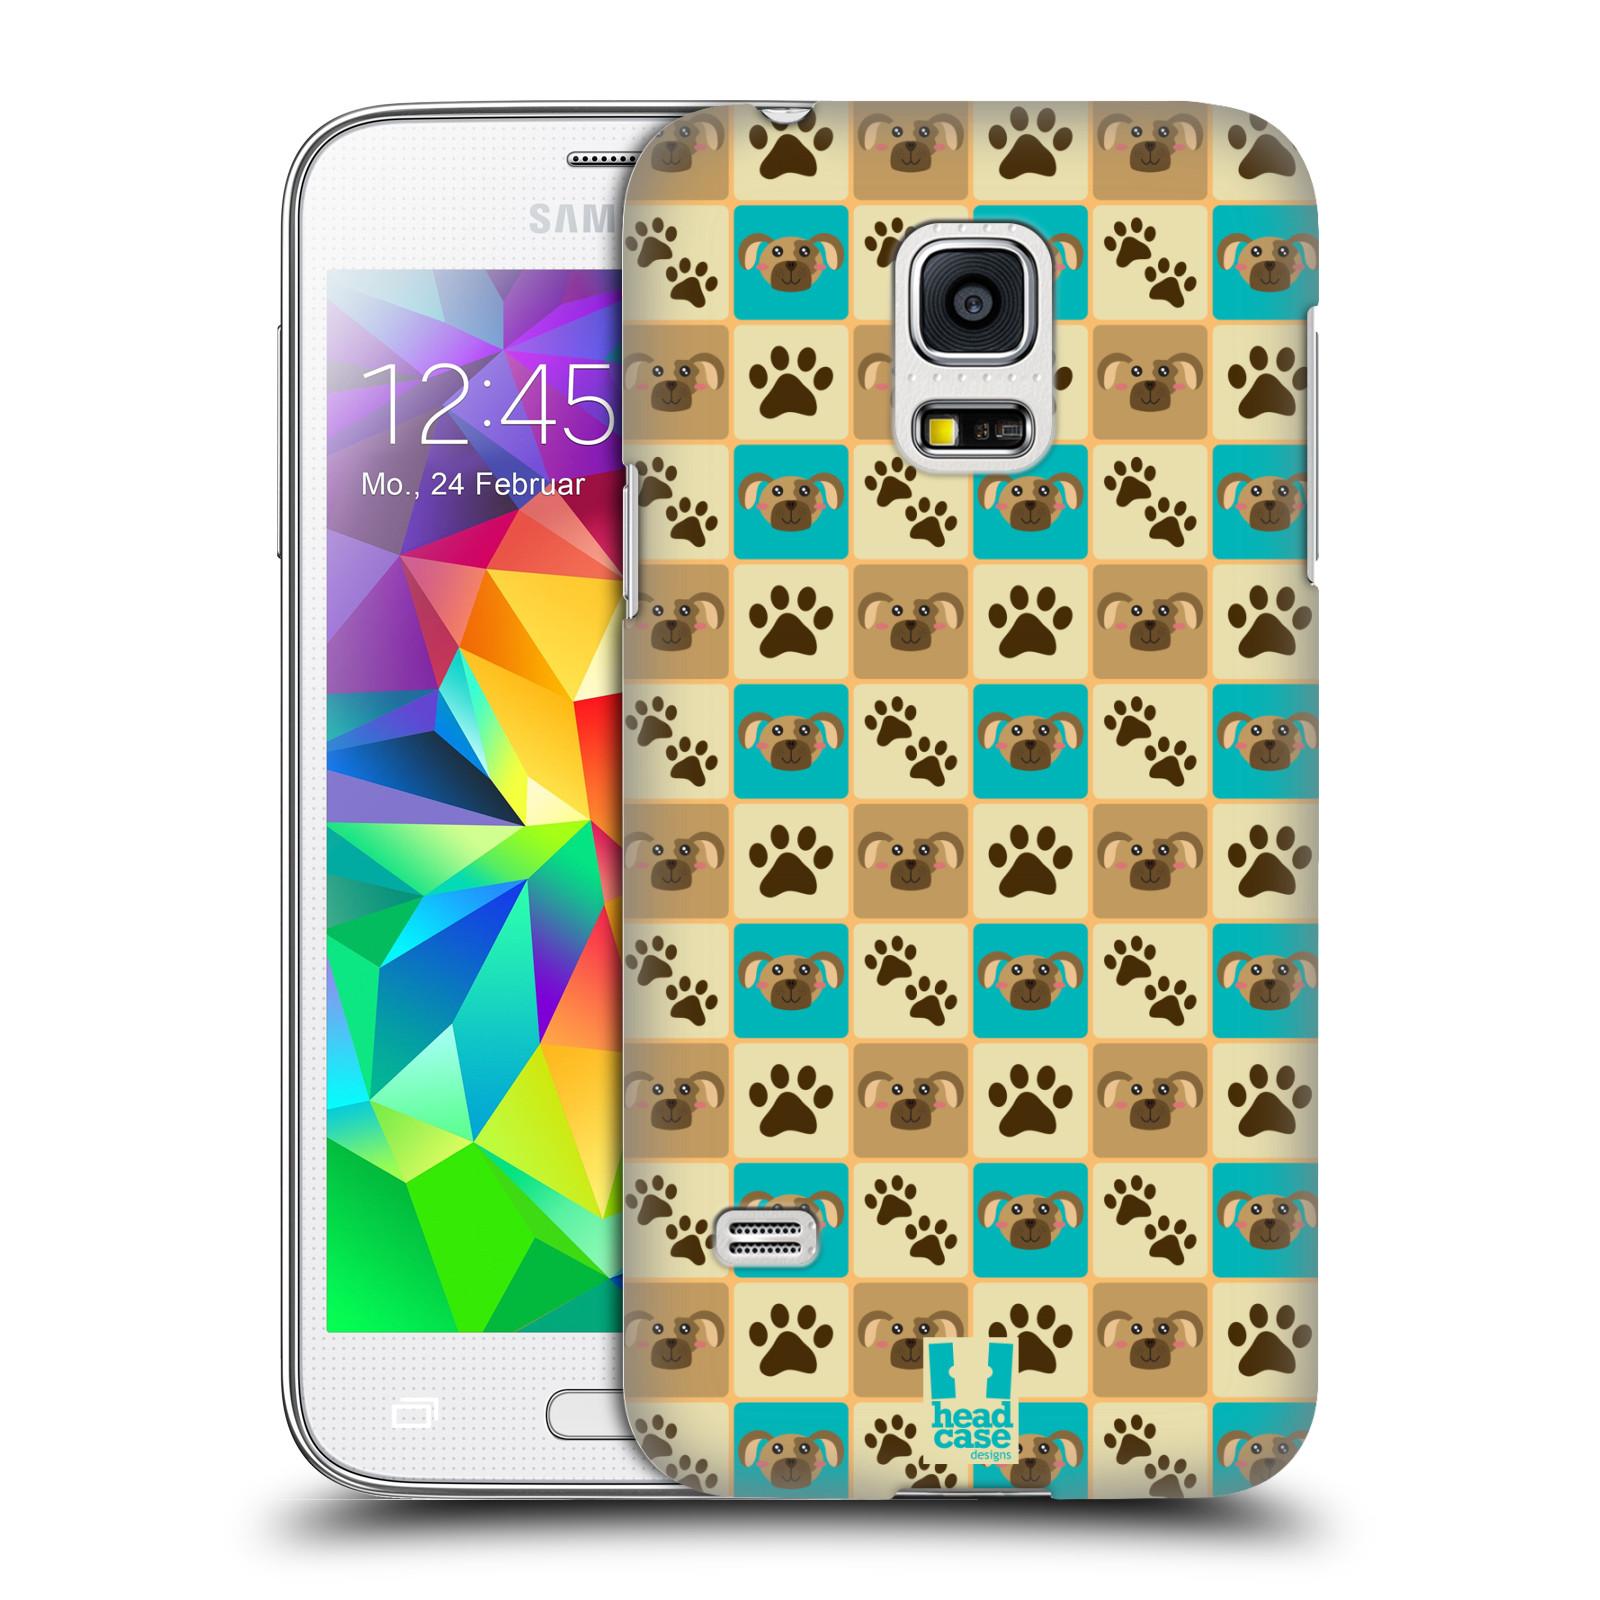 HEAD CASE plastový obal na mobil SAMSUNG Galaxy S5 MINI / S5 MINI DUOS vzor Zvířecí razítka PSÍ TLAPKA